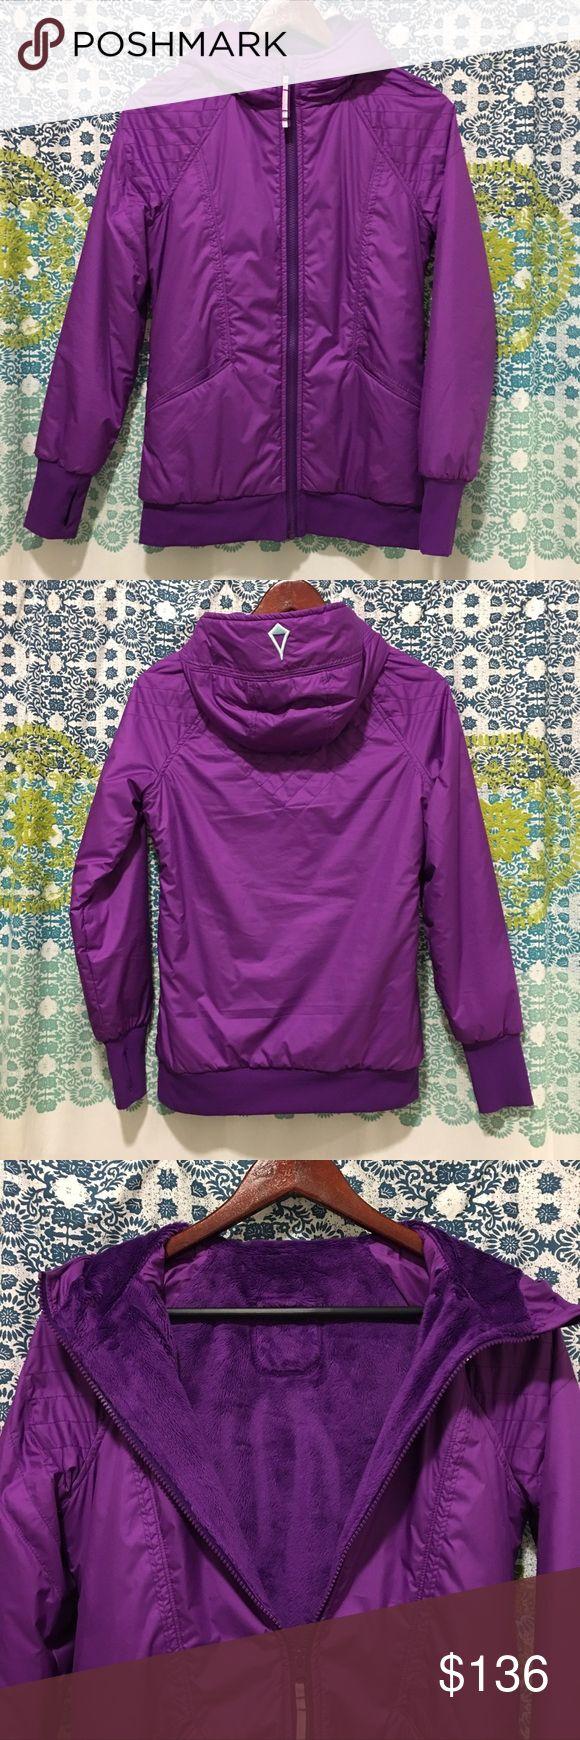 Selling this Lululemon Ivivva jacket fits 4 EUC! GORGEOUS!! on Poshmark! My username is: iluvmyfunlife. #shopmycloset #poshmark #fashion #shopping #style #forsale #lululemon athletica #Jackets & Blazers